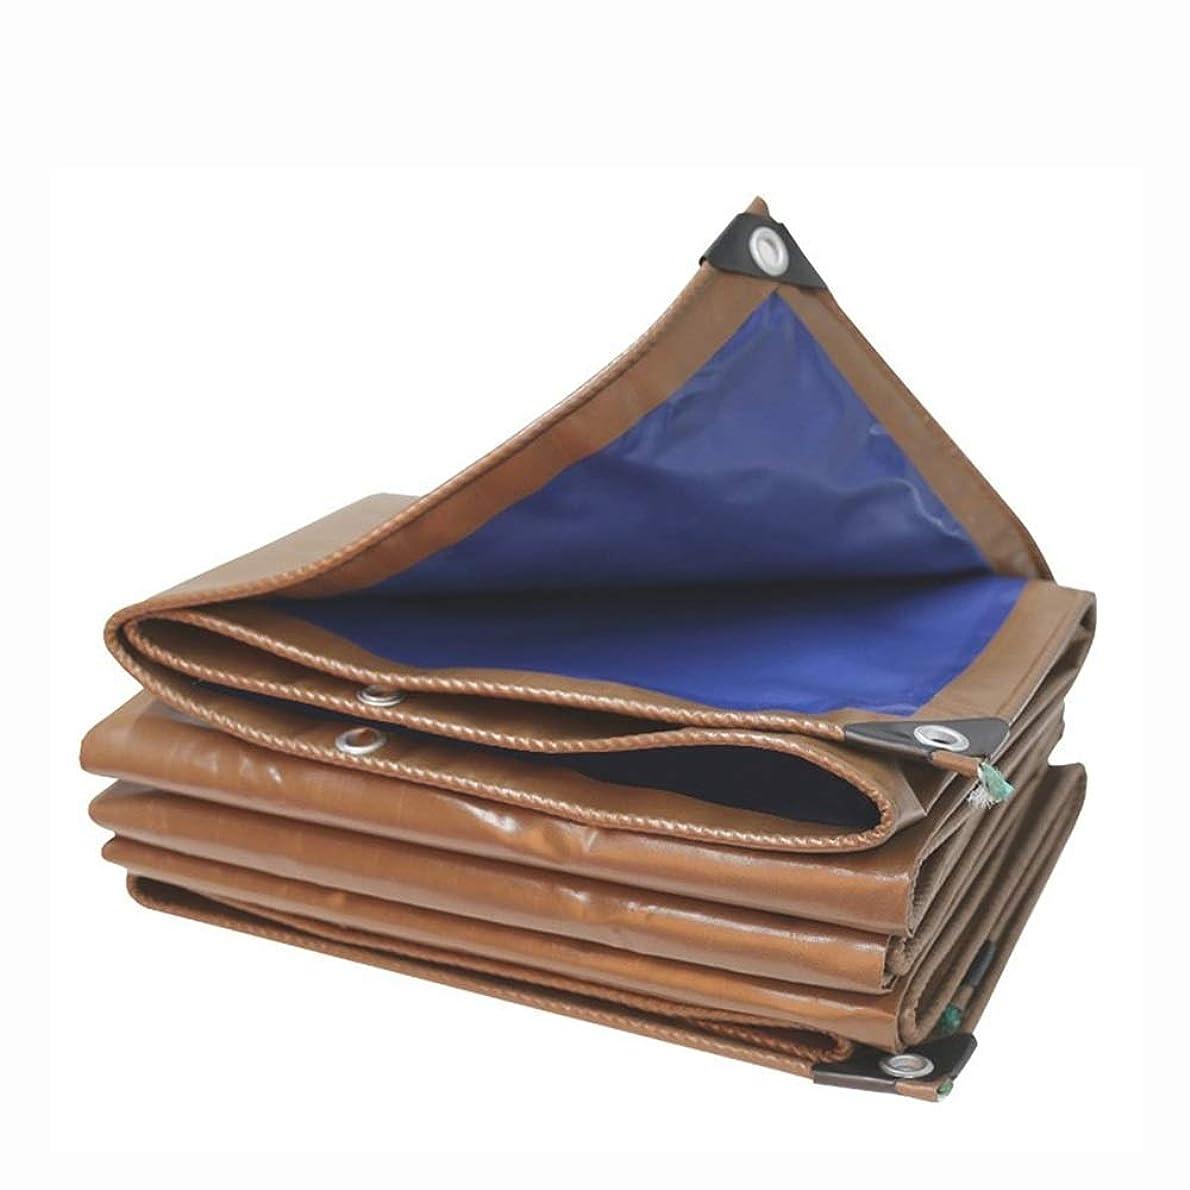 ピアース横にメダリストHPLL 多目的防水シート 0.45mm防水布、屋外ブルー/コーヒー耐火ターポリン防水防塵シェーディングキャンバスターポリンを厚くします。 防水シートのプラスチック布,防雨布 (Size : 2m×3m)